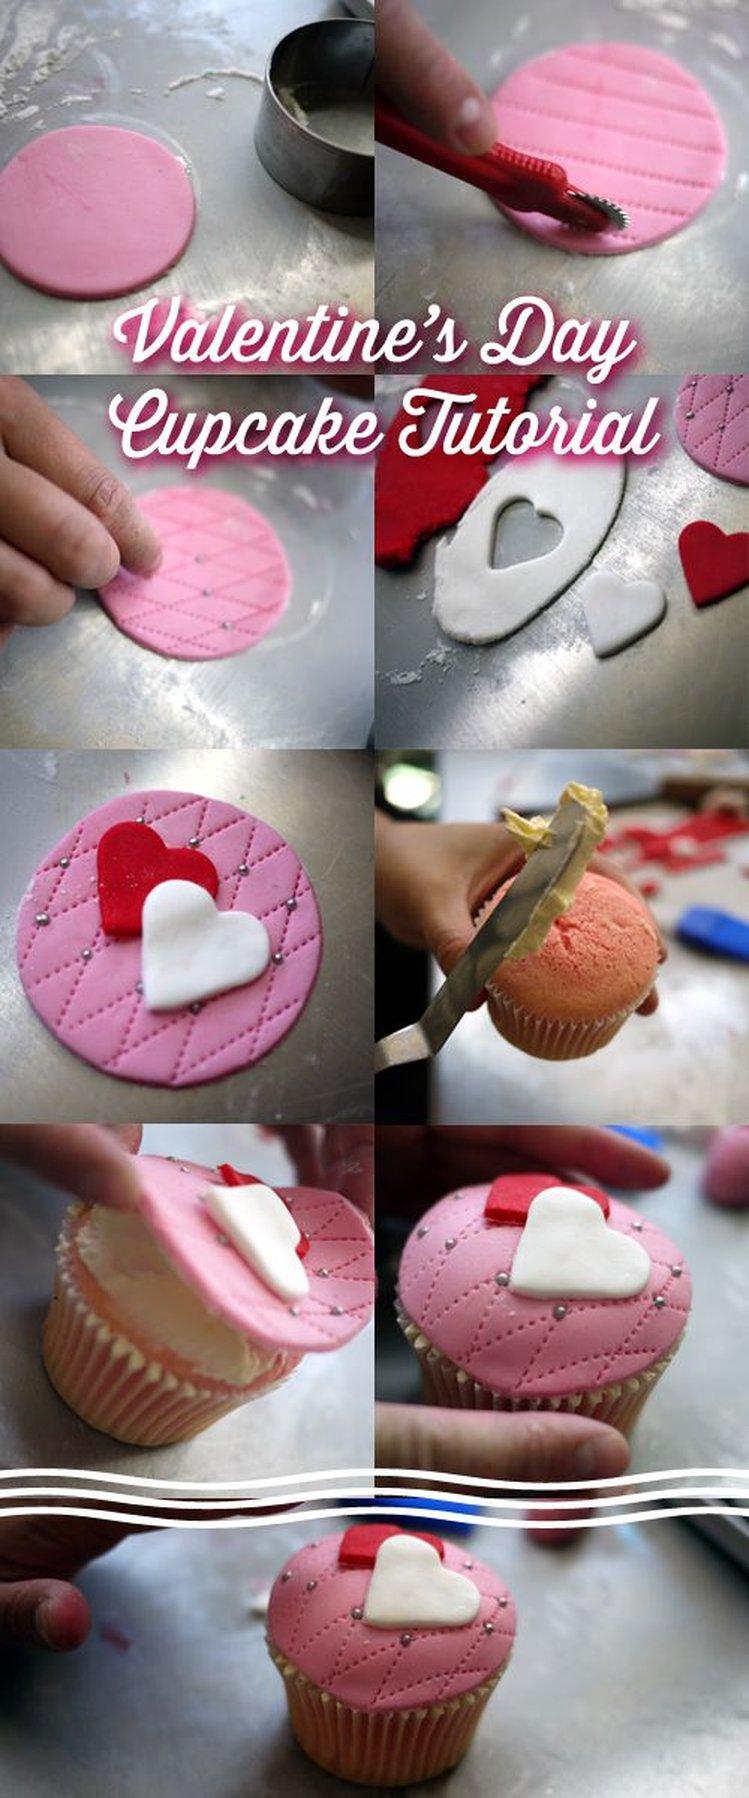 Как из кекса сделать торт